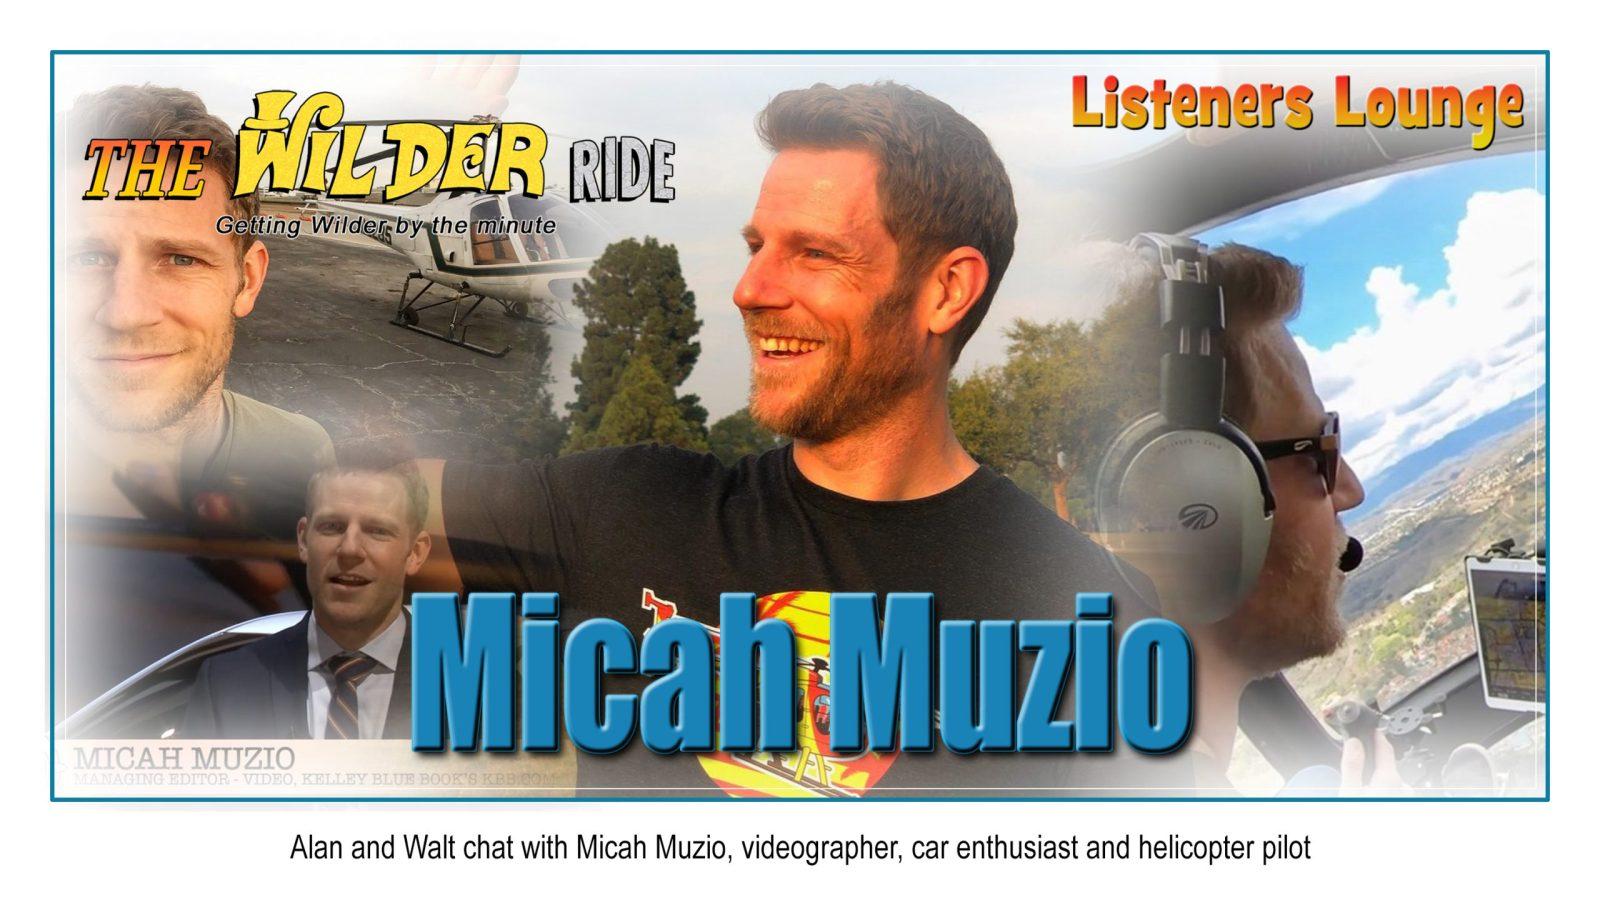 Micah Muzio